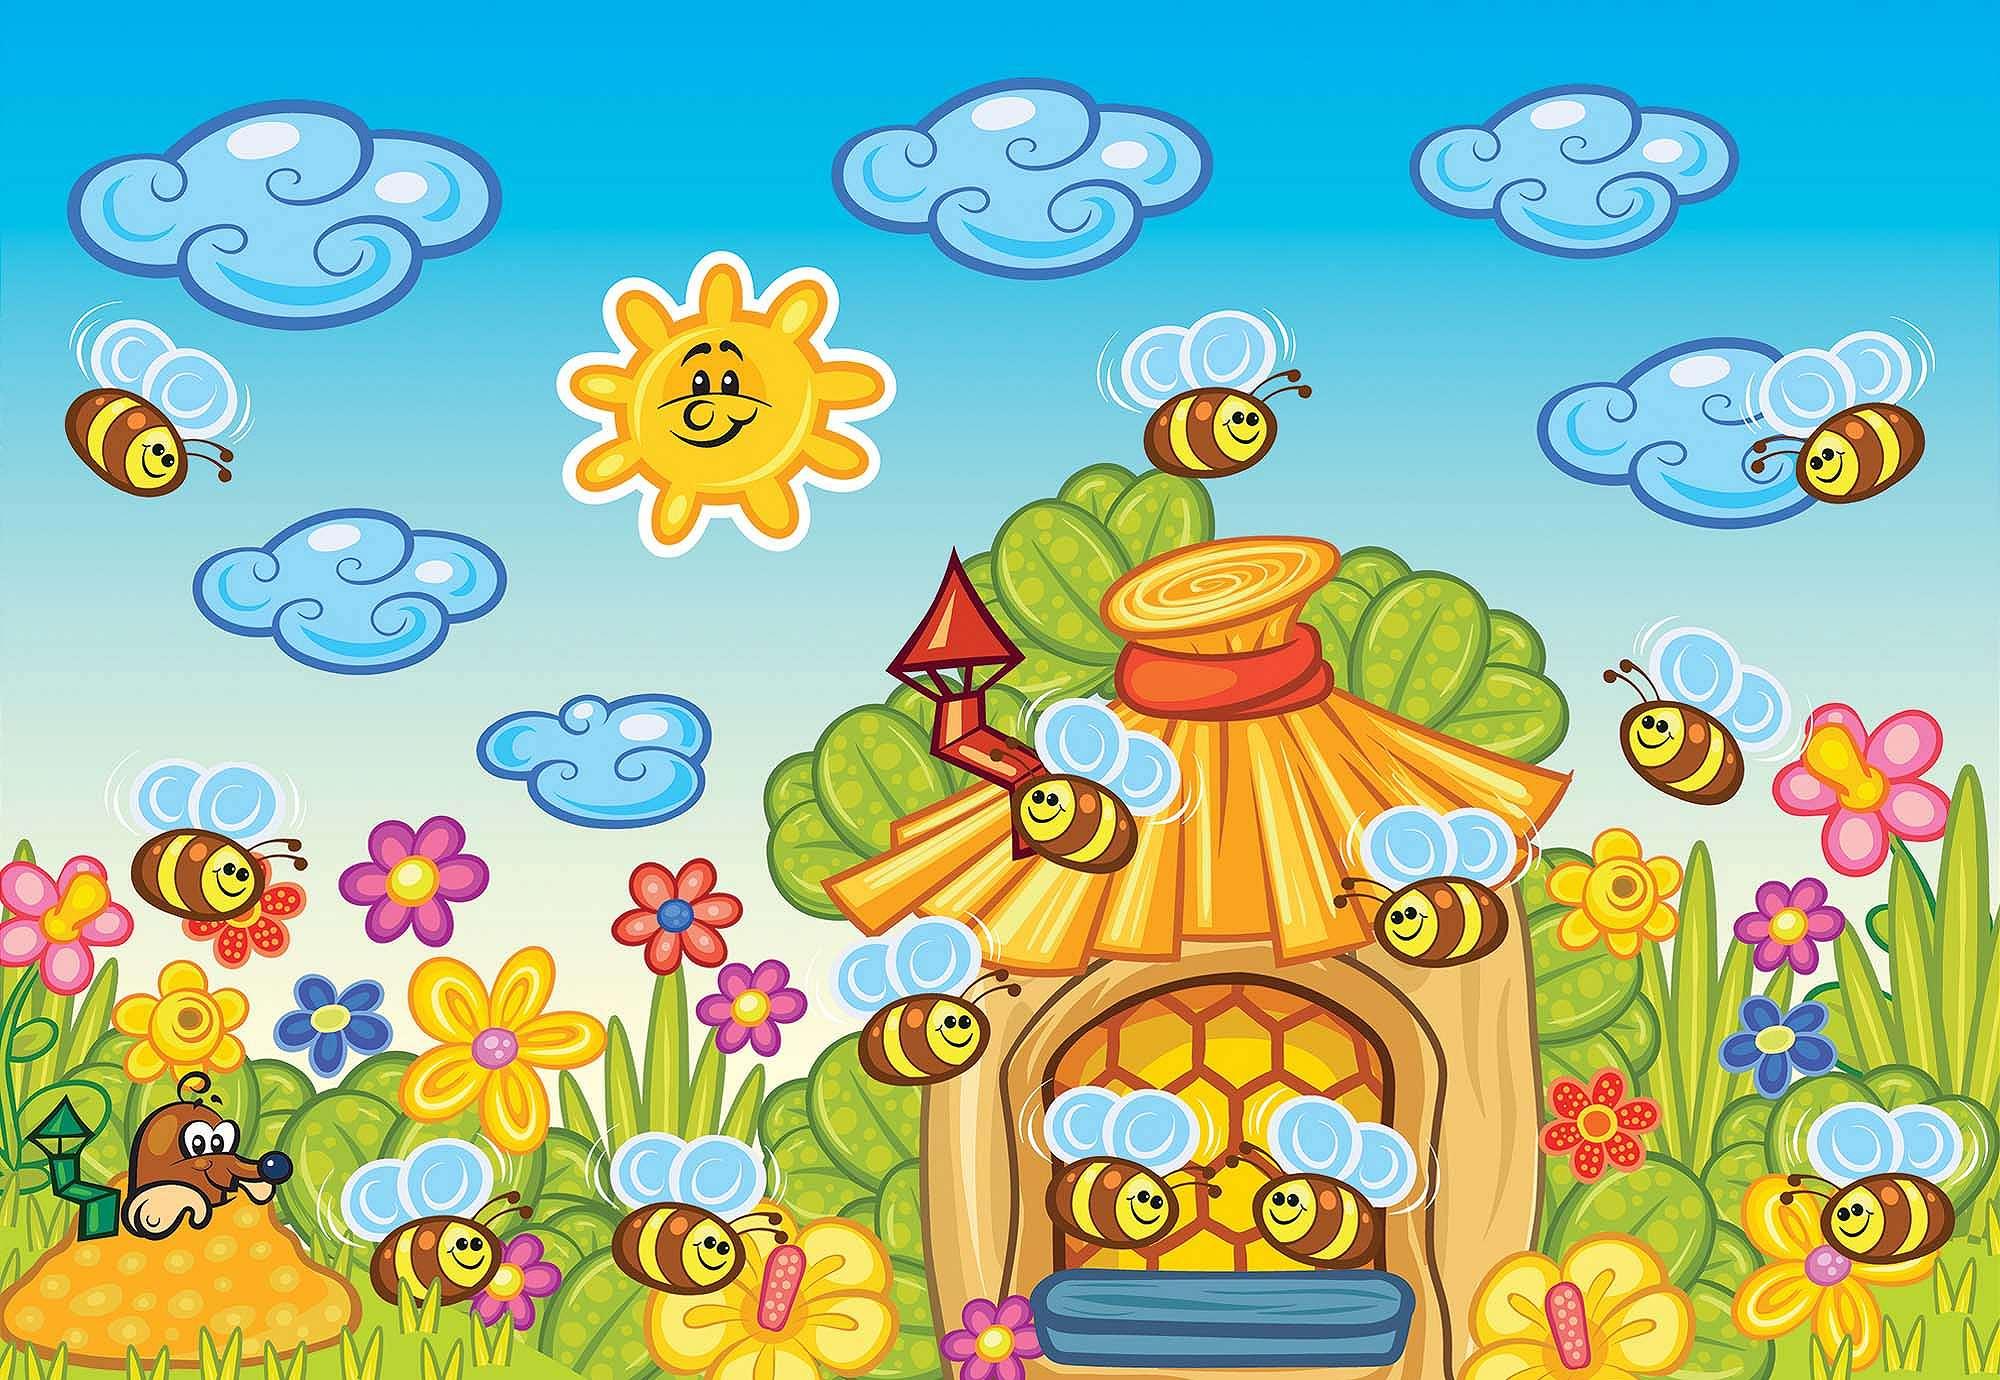 Fali poszter vidám rajzolt méhecske mesefigurákkal gyerekszobába